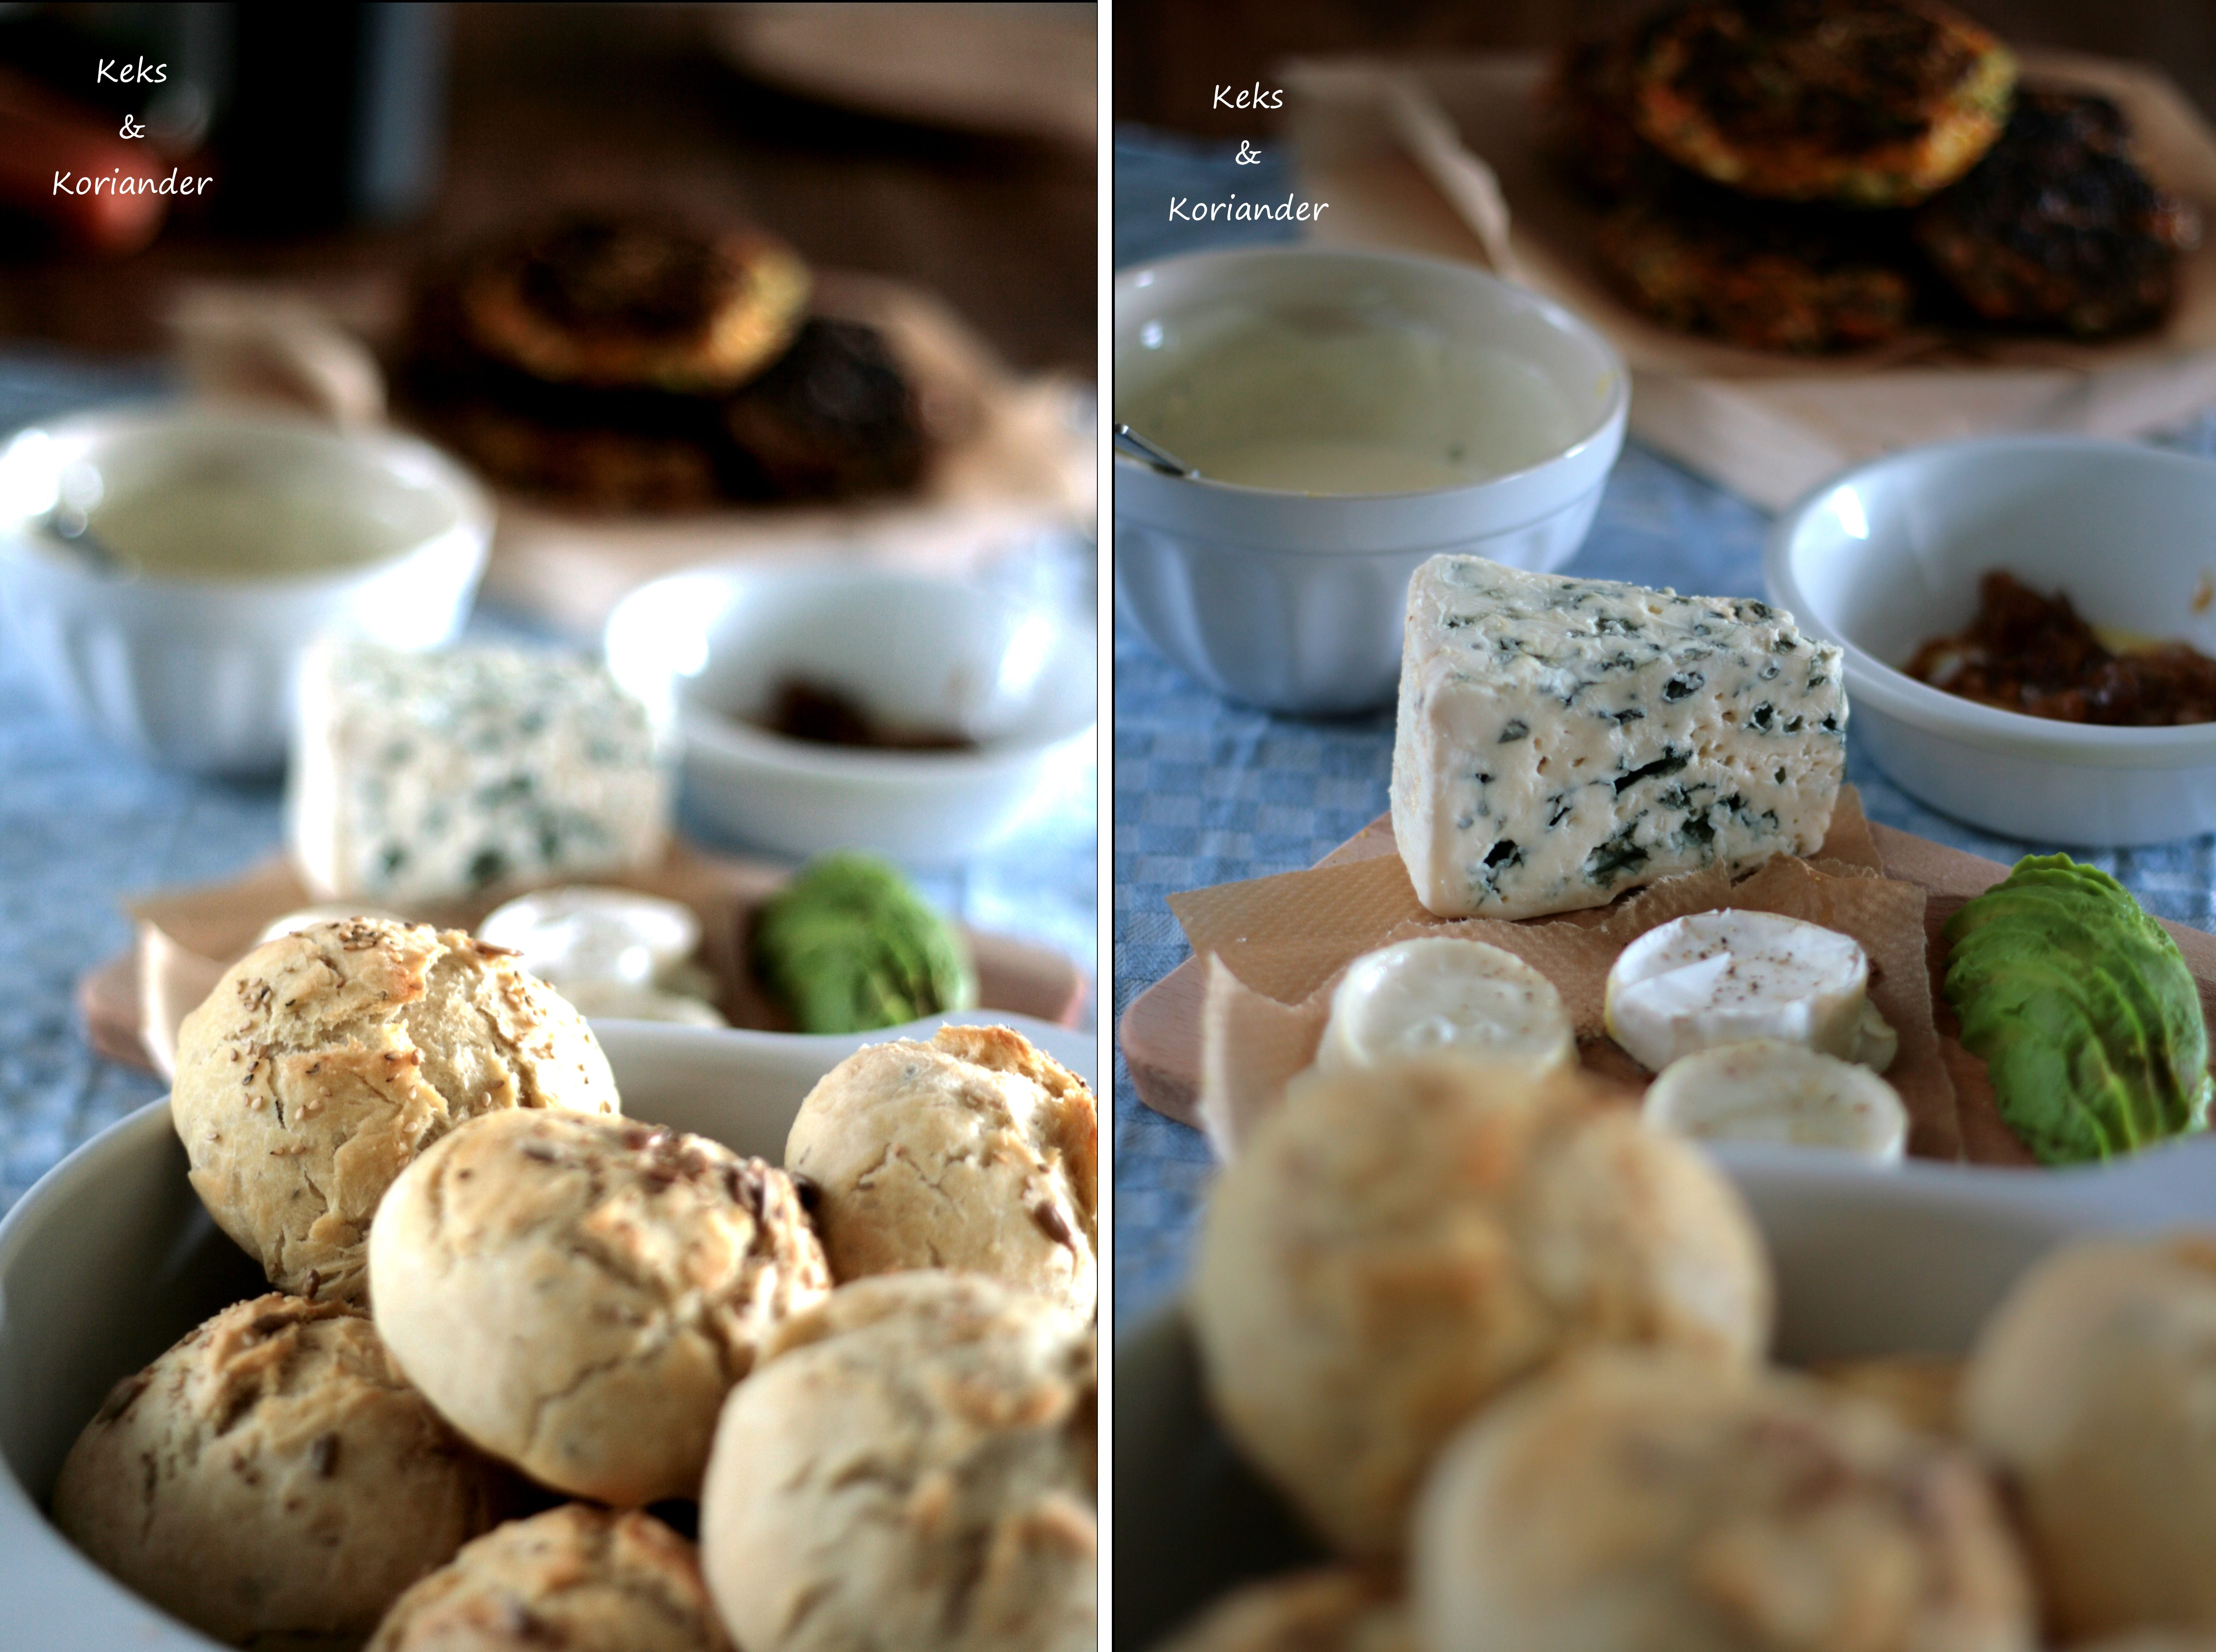 Veggieburger mit Ziegenkäse, karamellisierten Zwiebeln, Avocado, Babyspinat Synchronburgern Buns und Käse